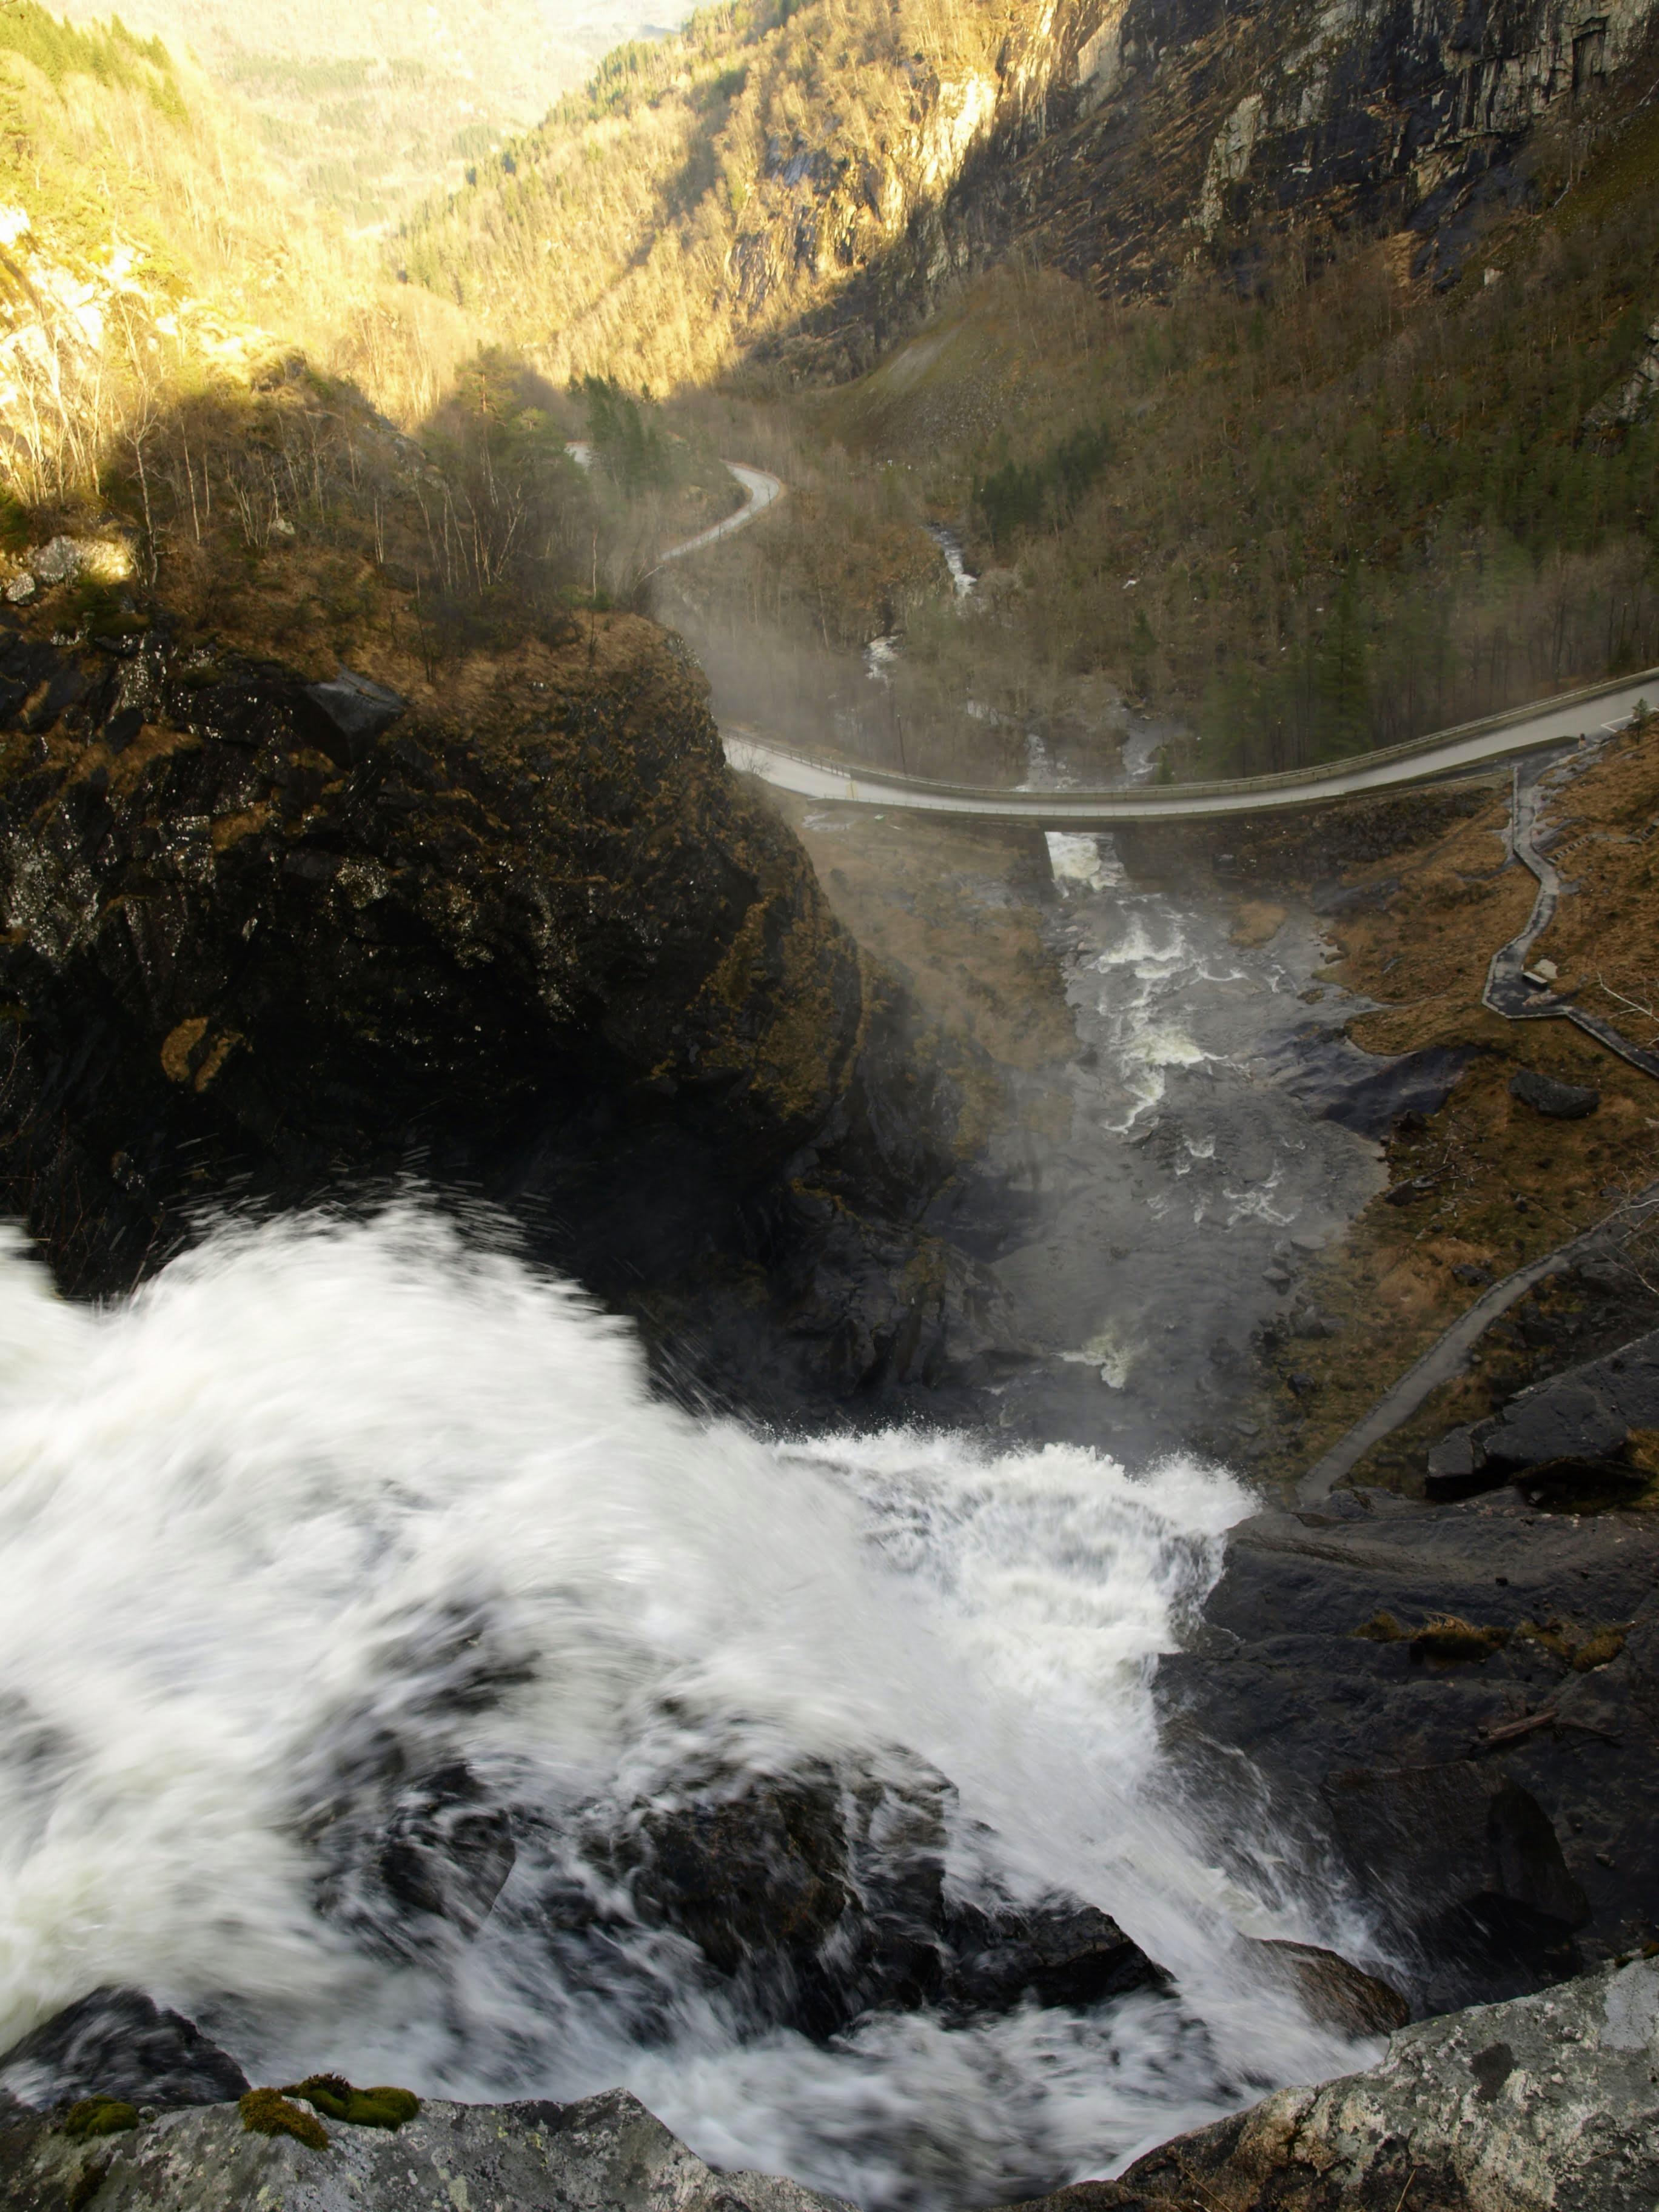 Vodopád Skjervsfossen se řítí do údolí